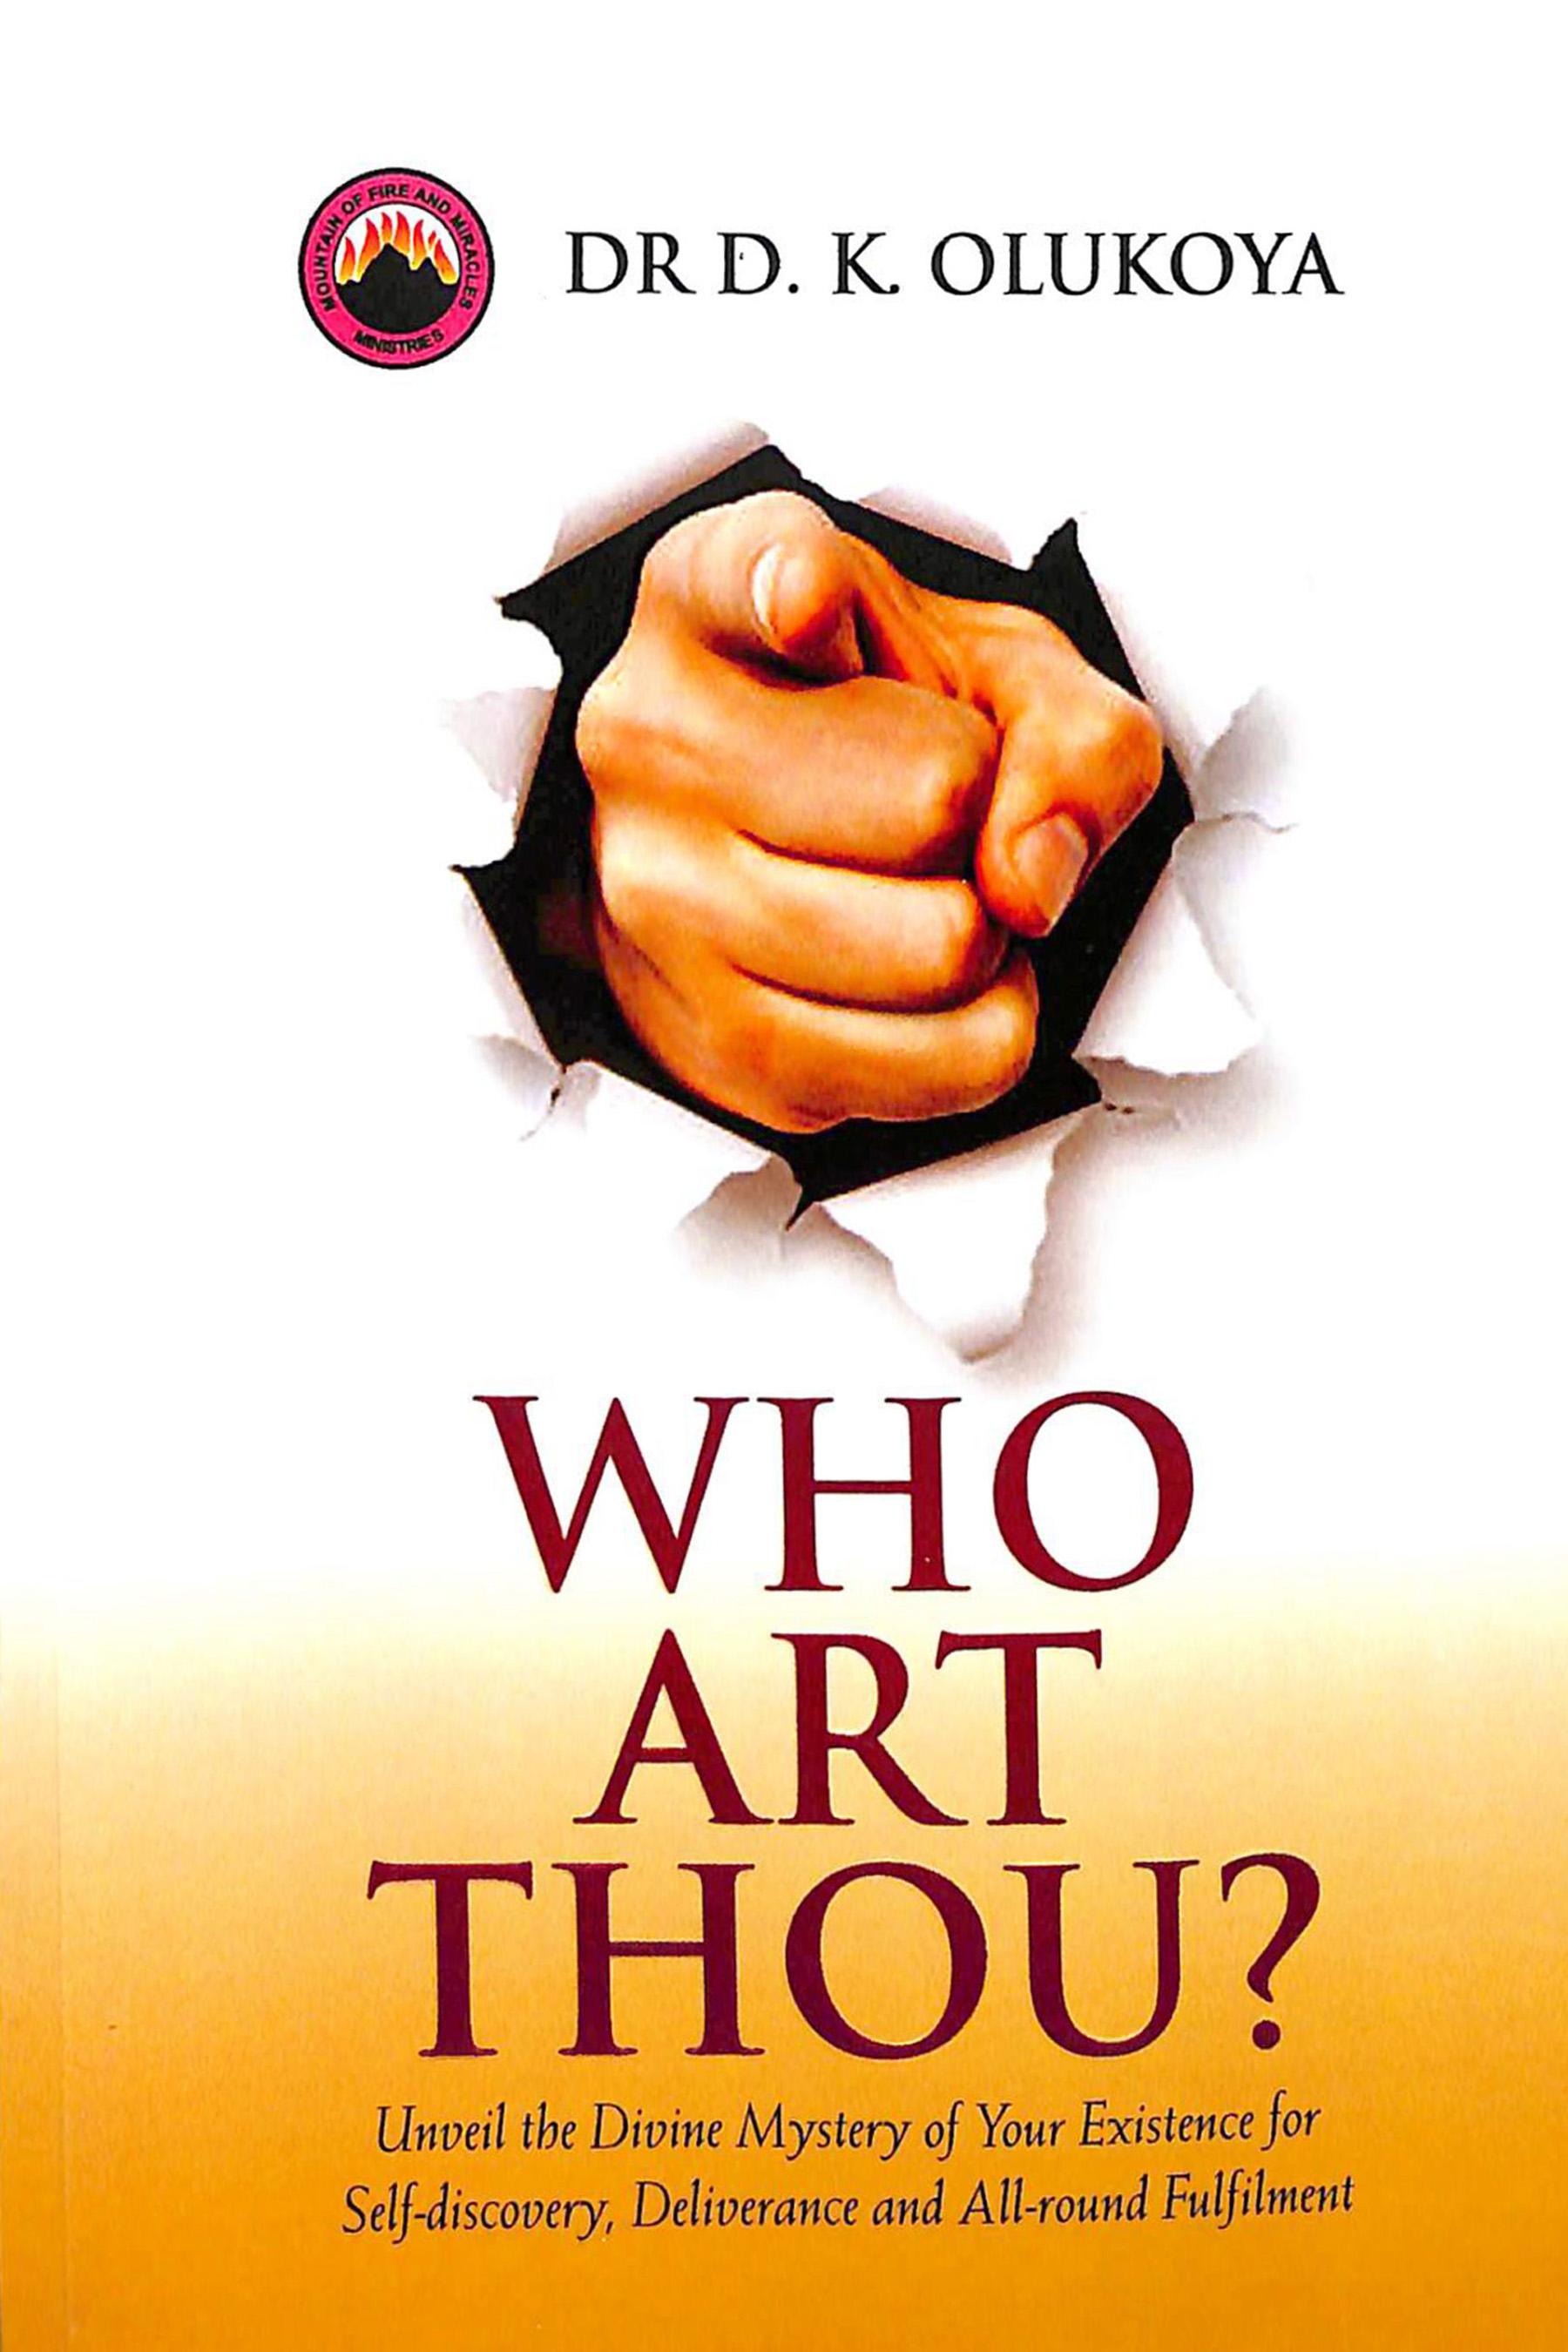 Who Art Thou?